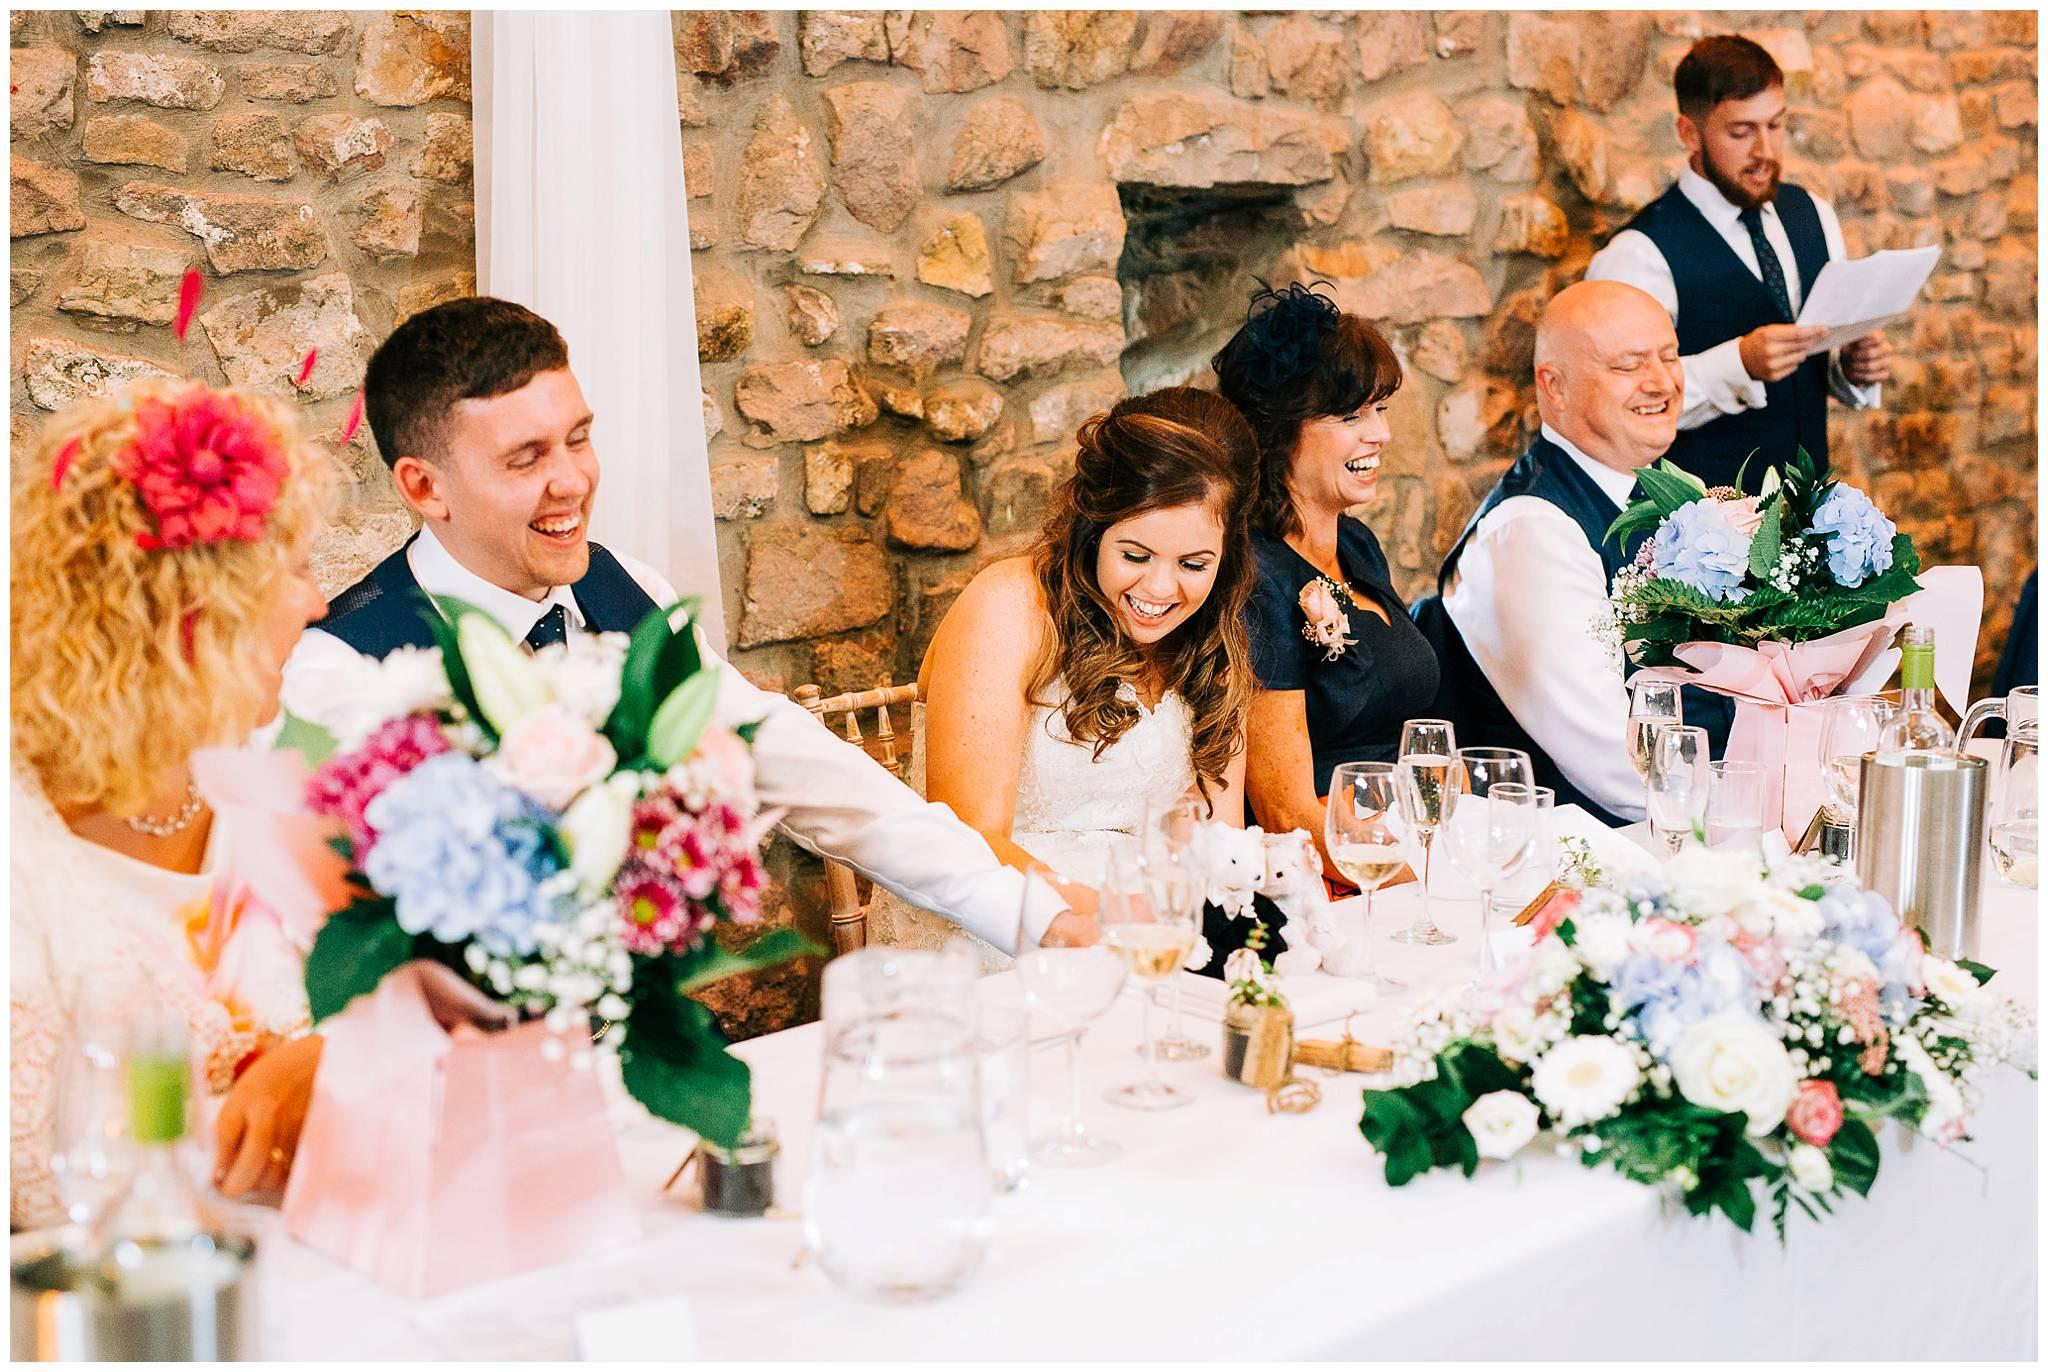 Fun Rustic wedding - browsholme hall and tithe barn Photographer-105.jpg